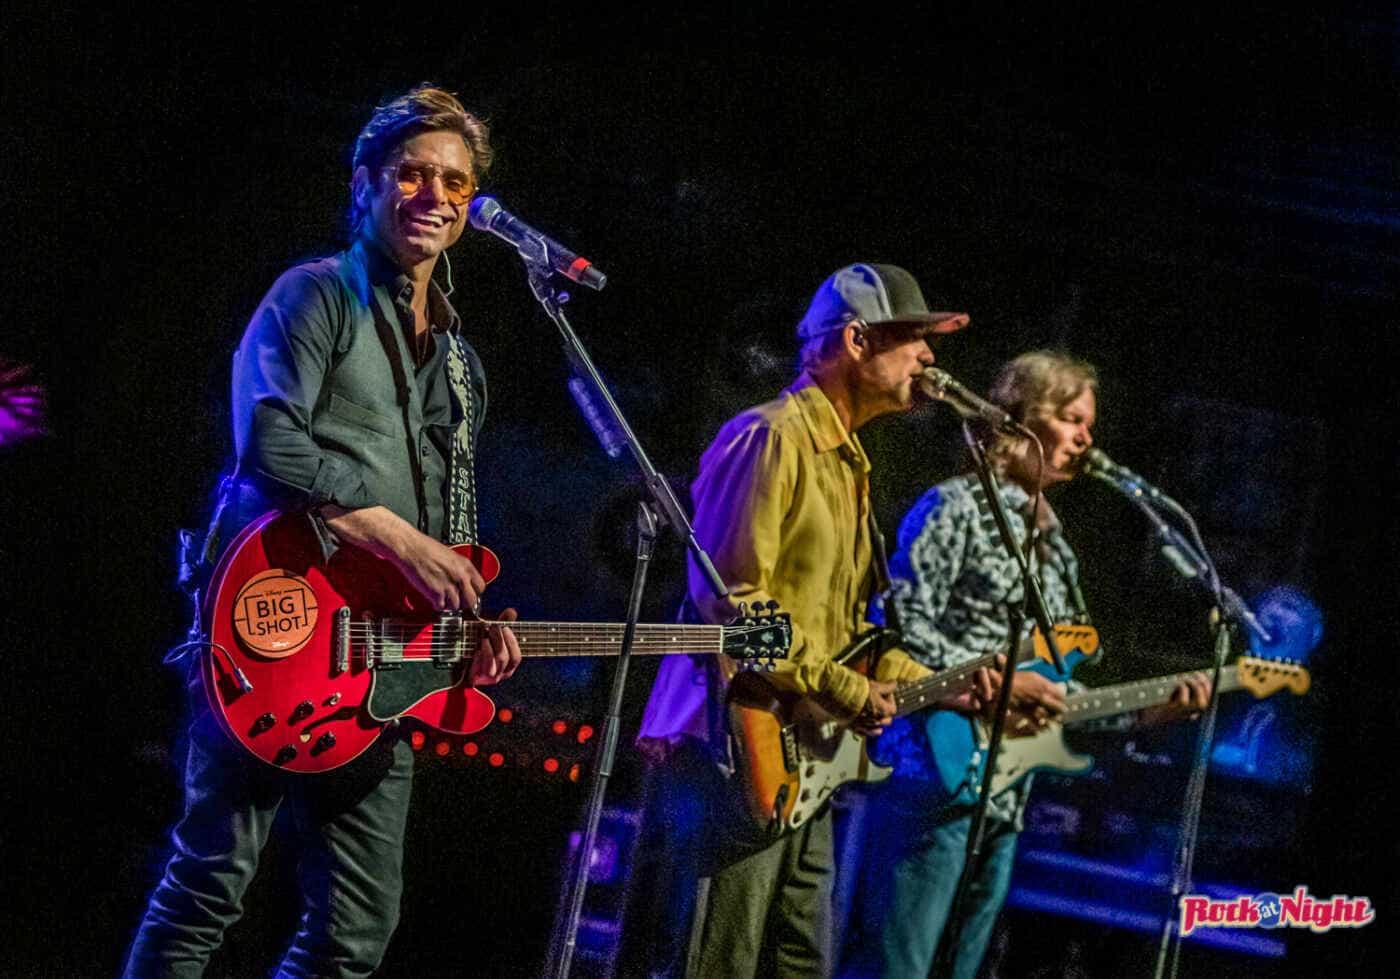 John Stamos with The Beach BoysDSC_0284